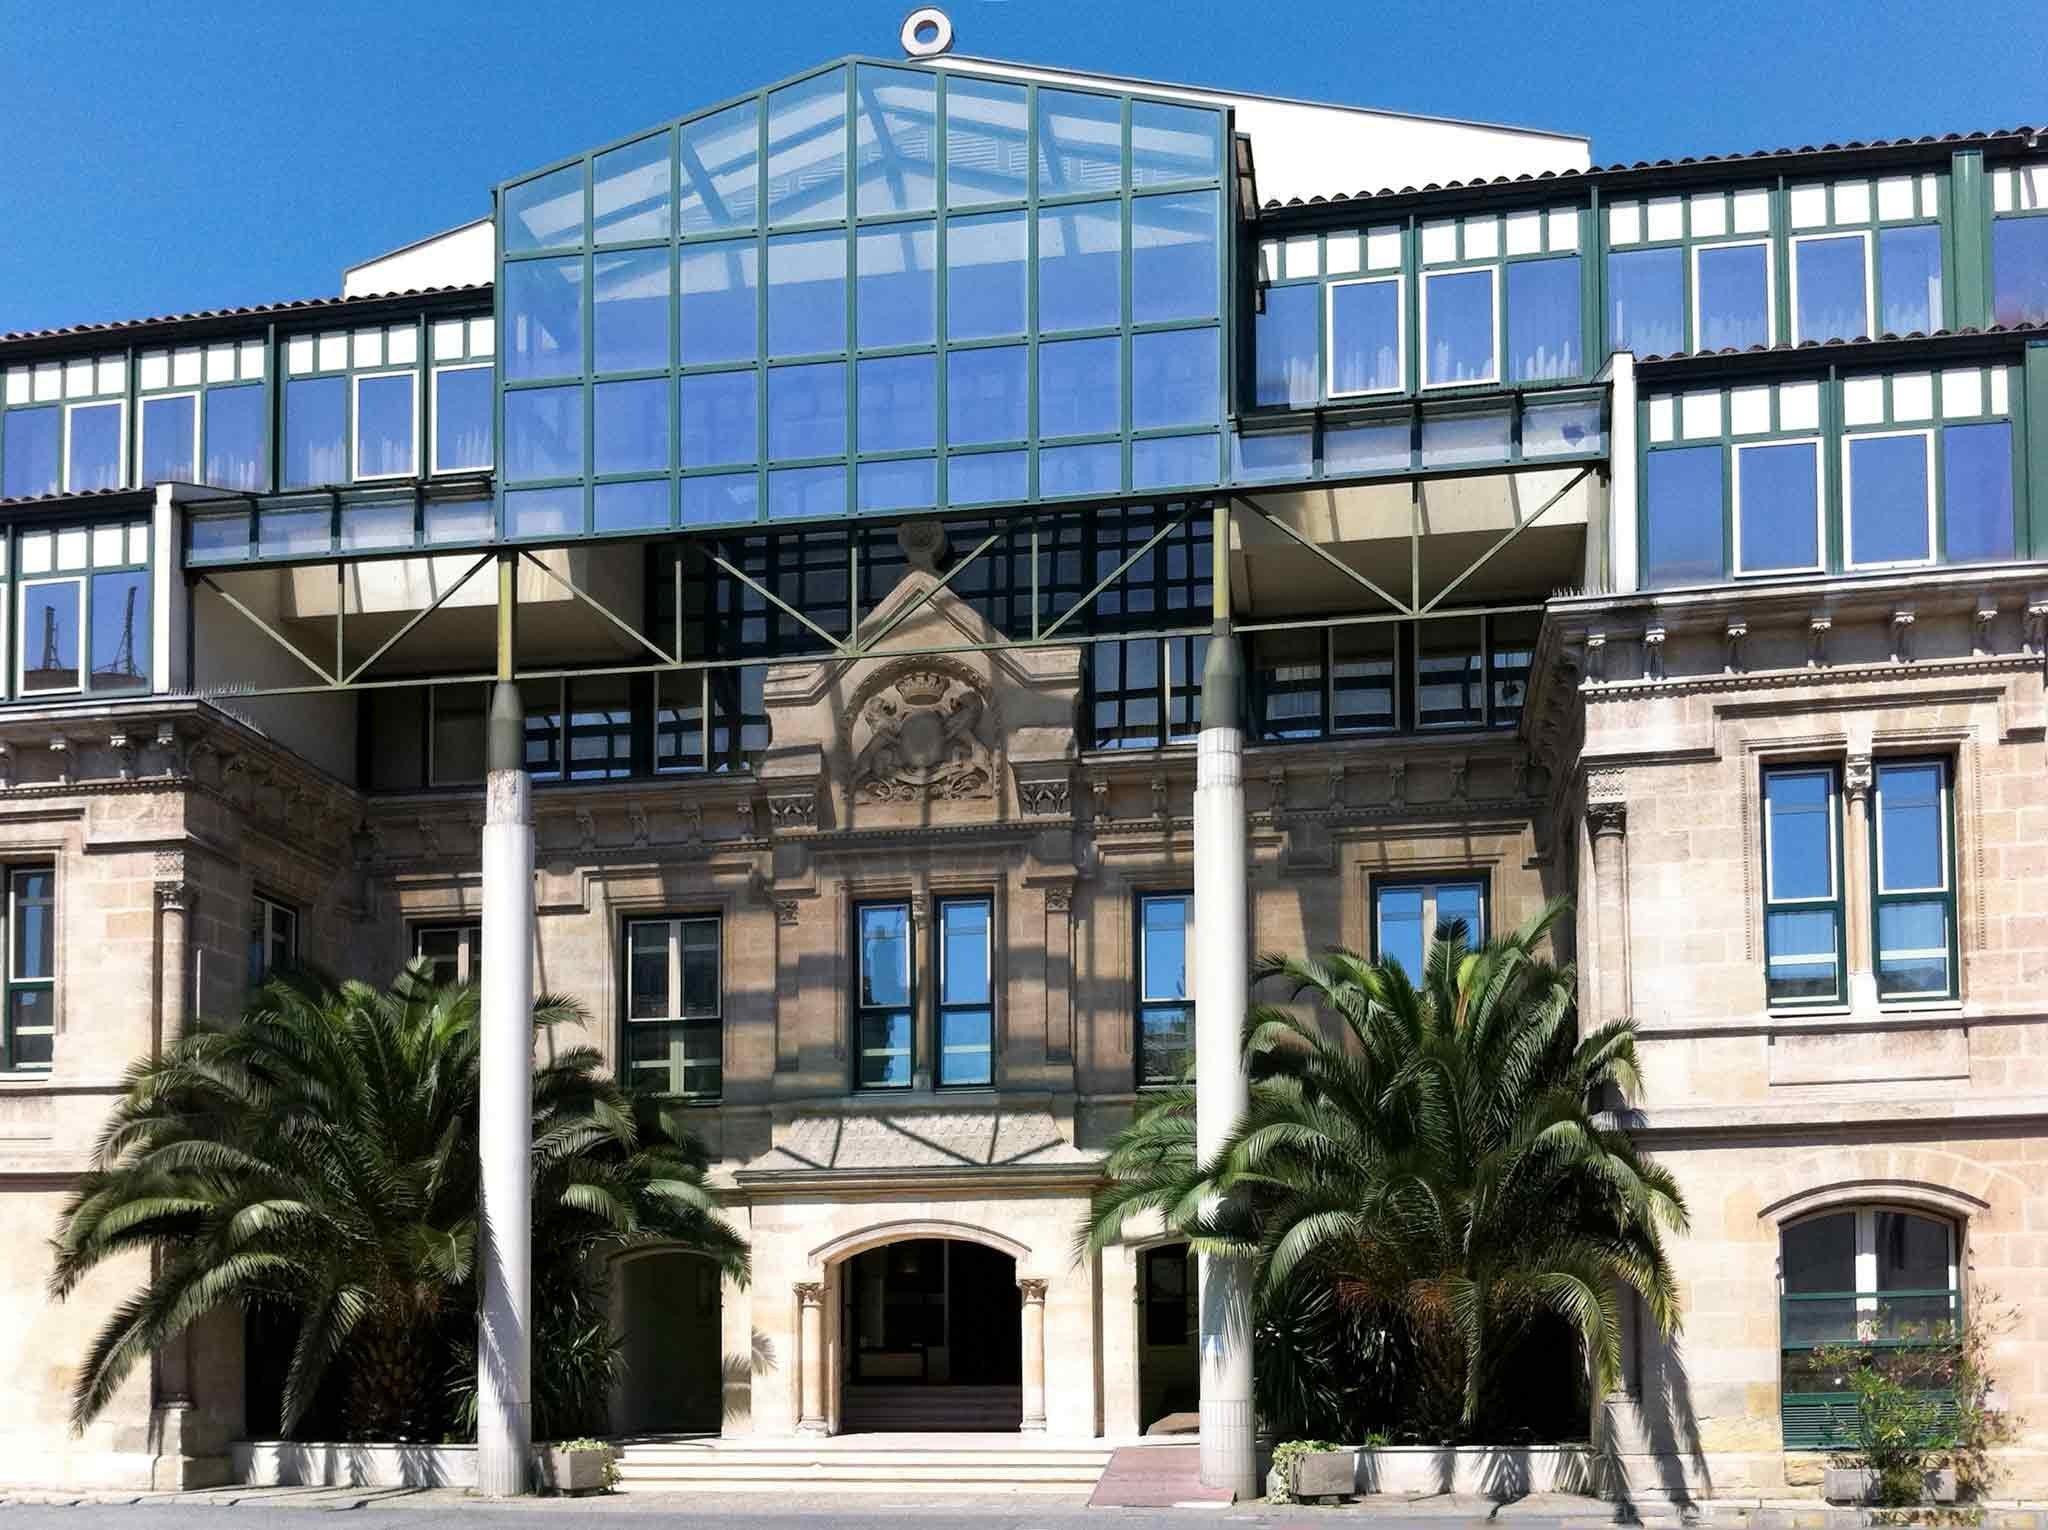 Mercure Bordeaux Chateau Chartrons Hotel